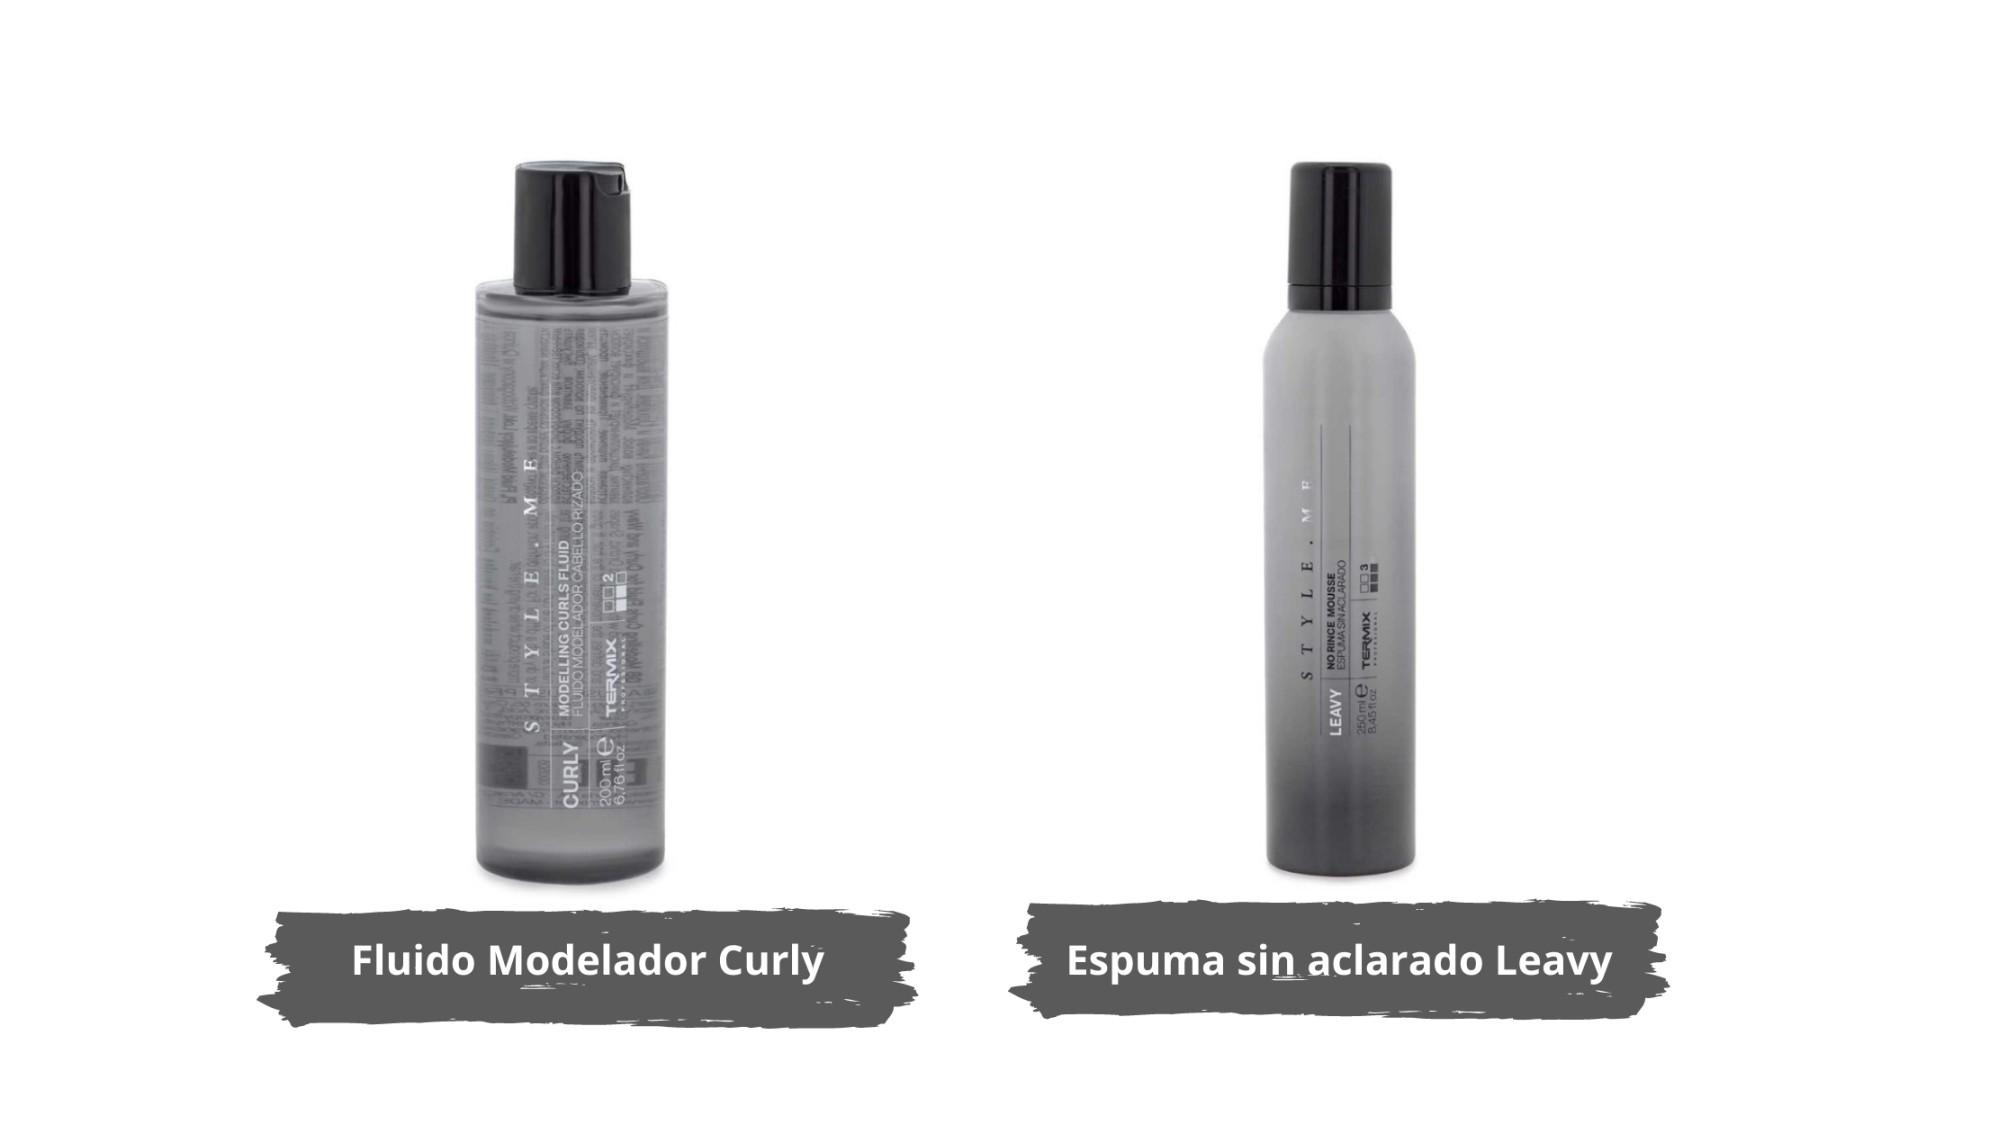 Productos Termix para el Método Curly